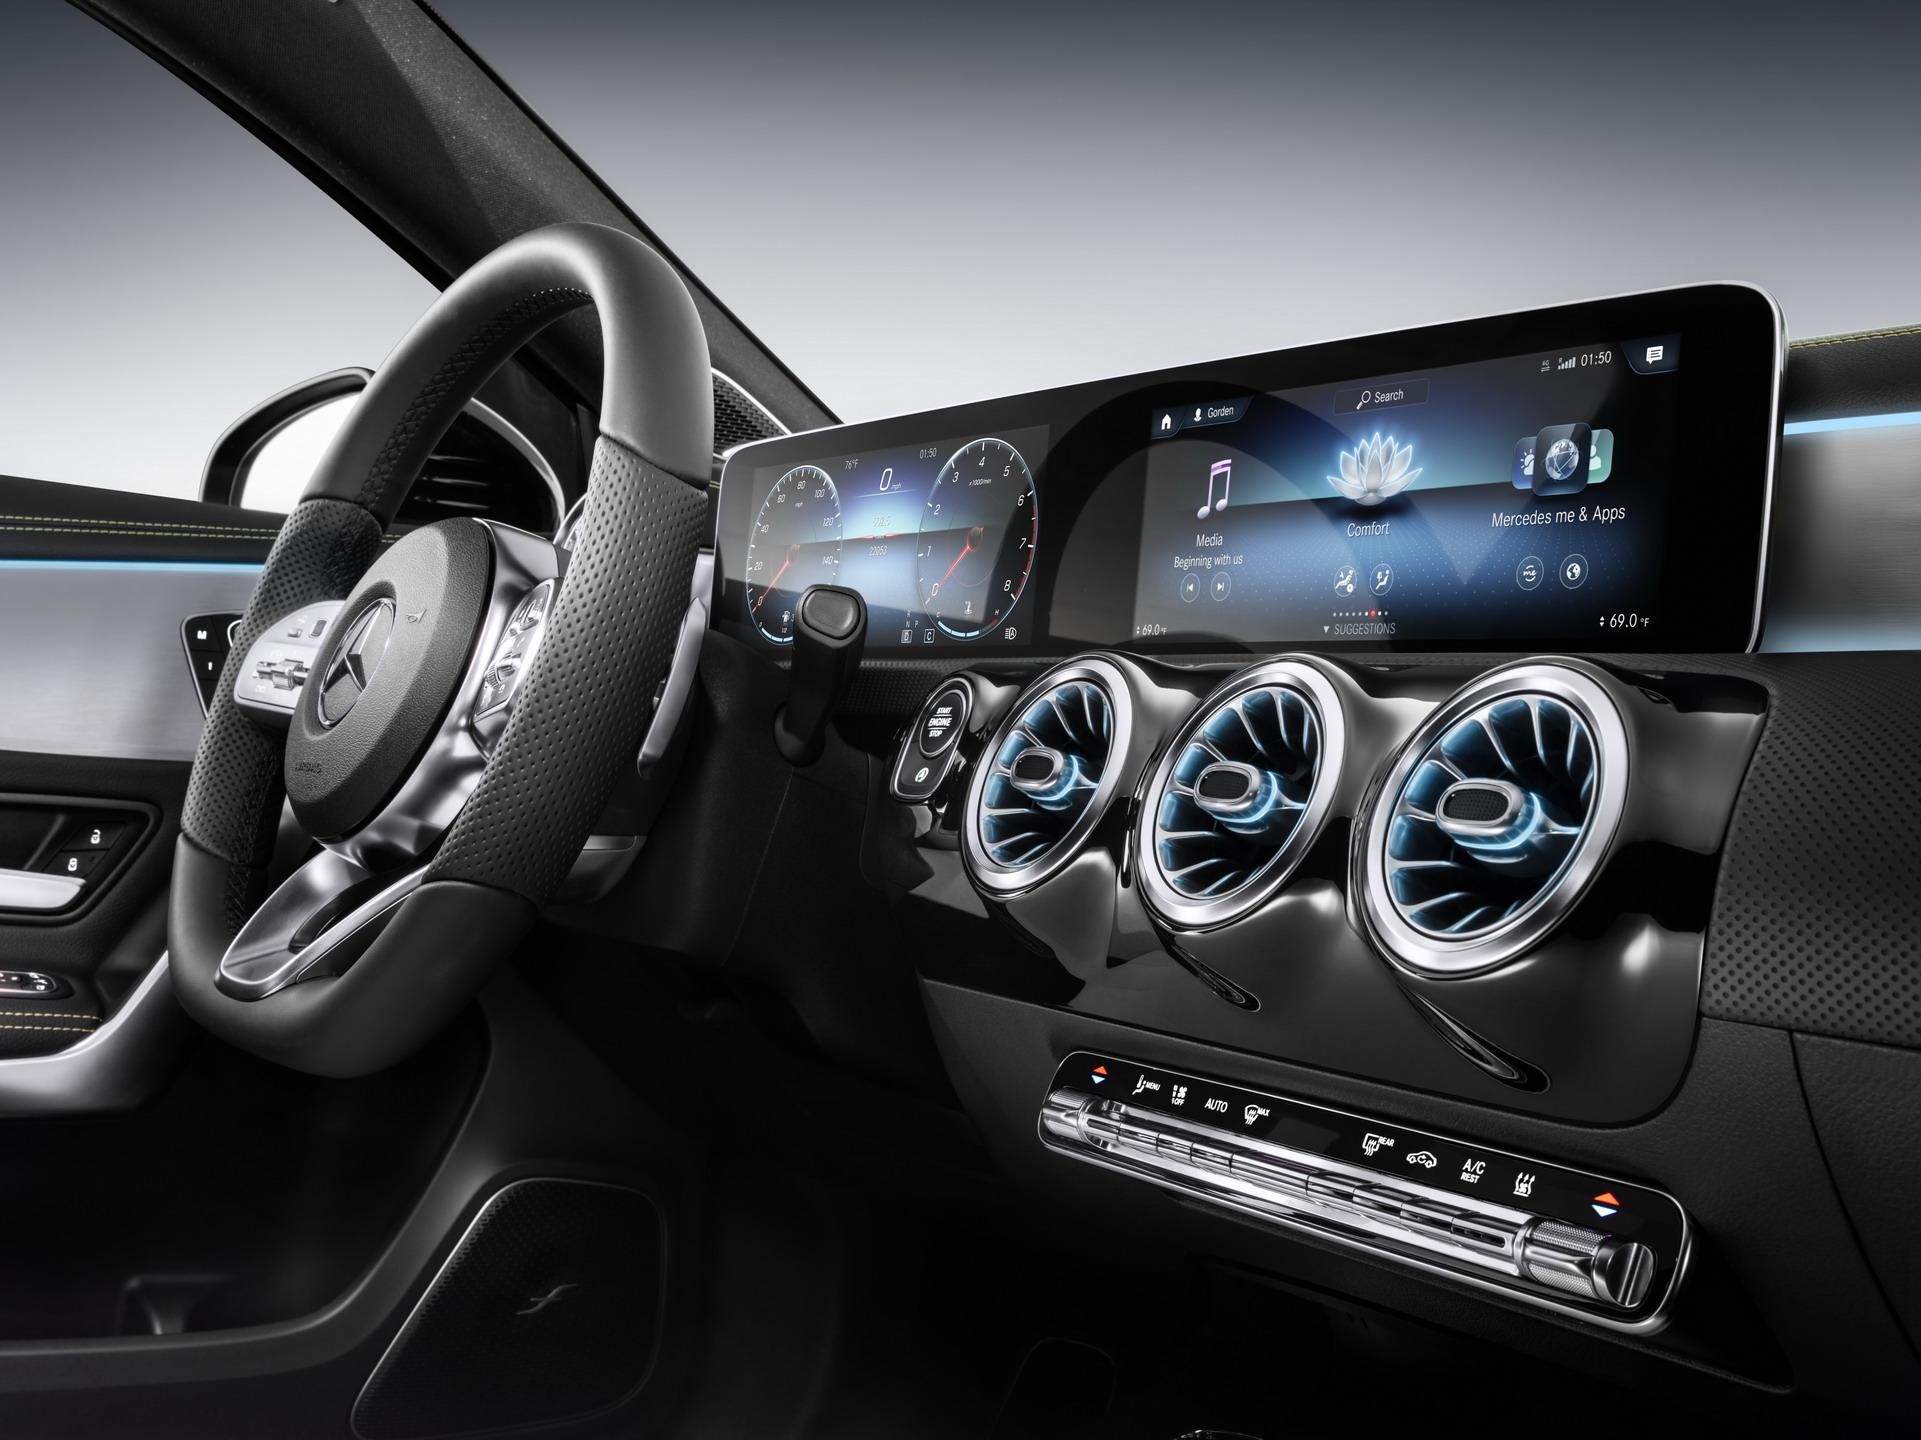 Mercedes-Benz giới thiệu 10 tính năng công nghệ hàng đầu trong năm 2019 - 1